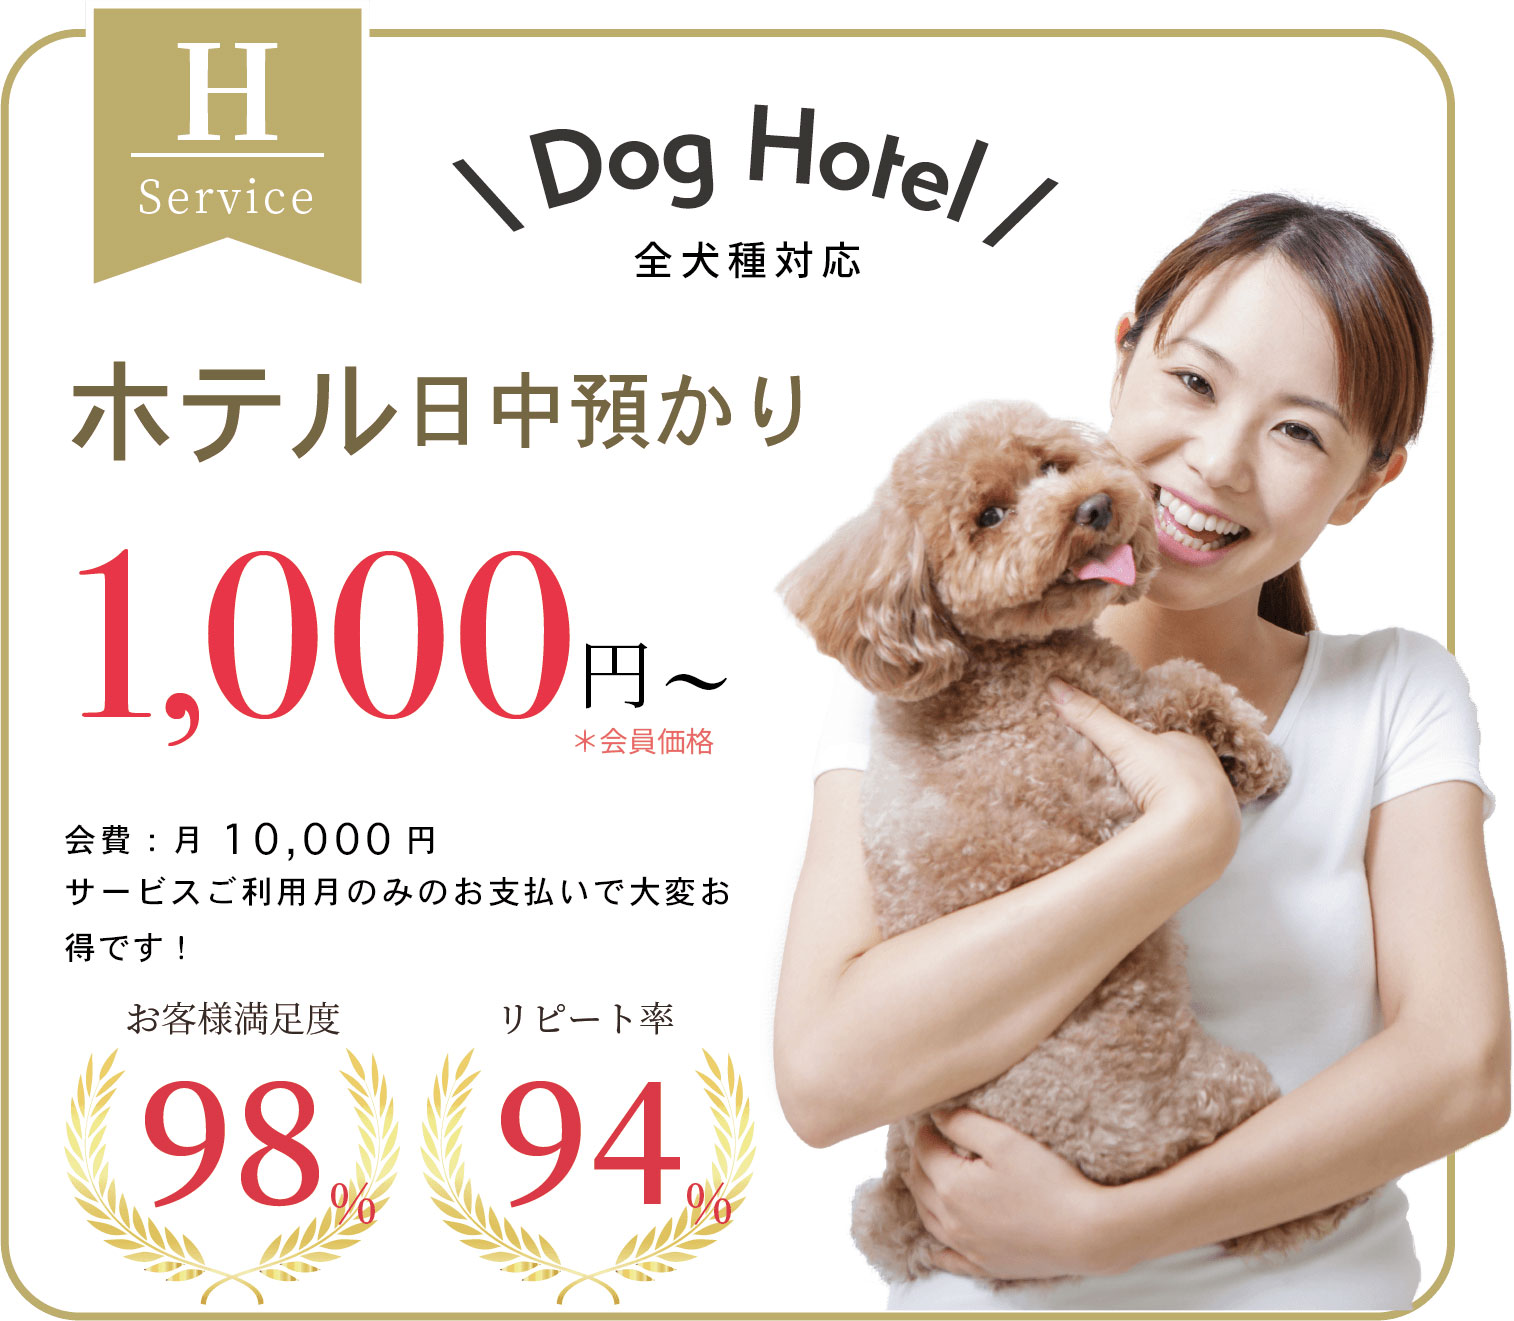 吠え、噛む癖、トイレトレーニングは世田谷と文京区にある犬のしつけハグのドッグホテル1000円